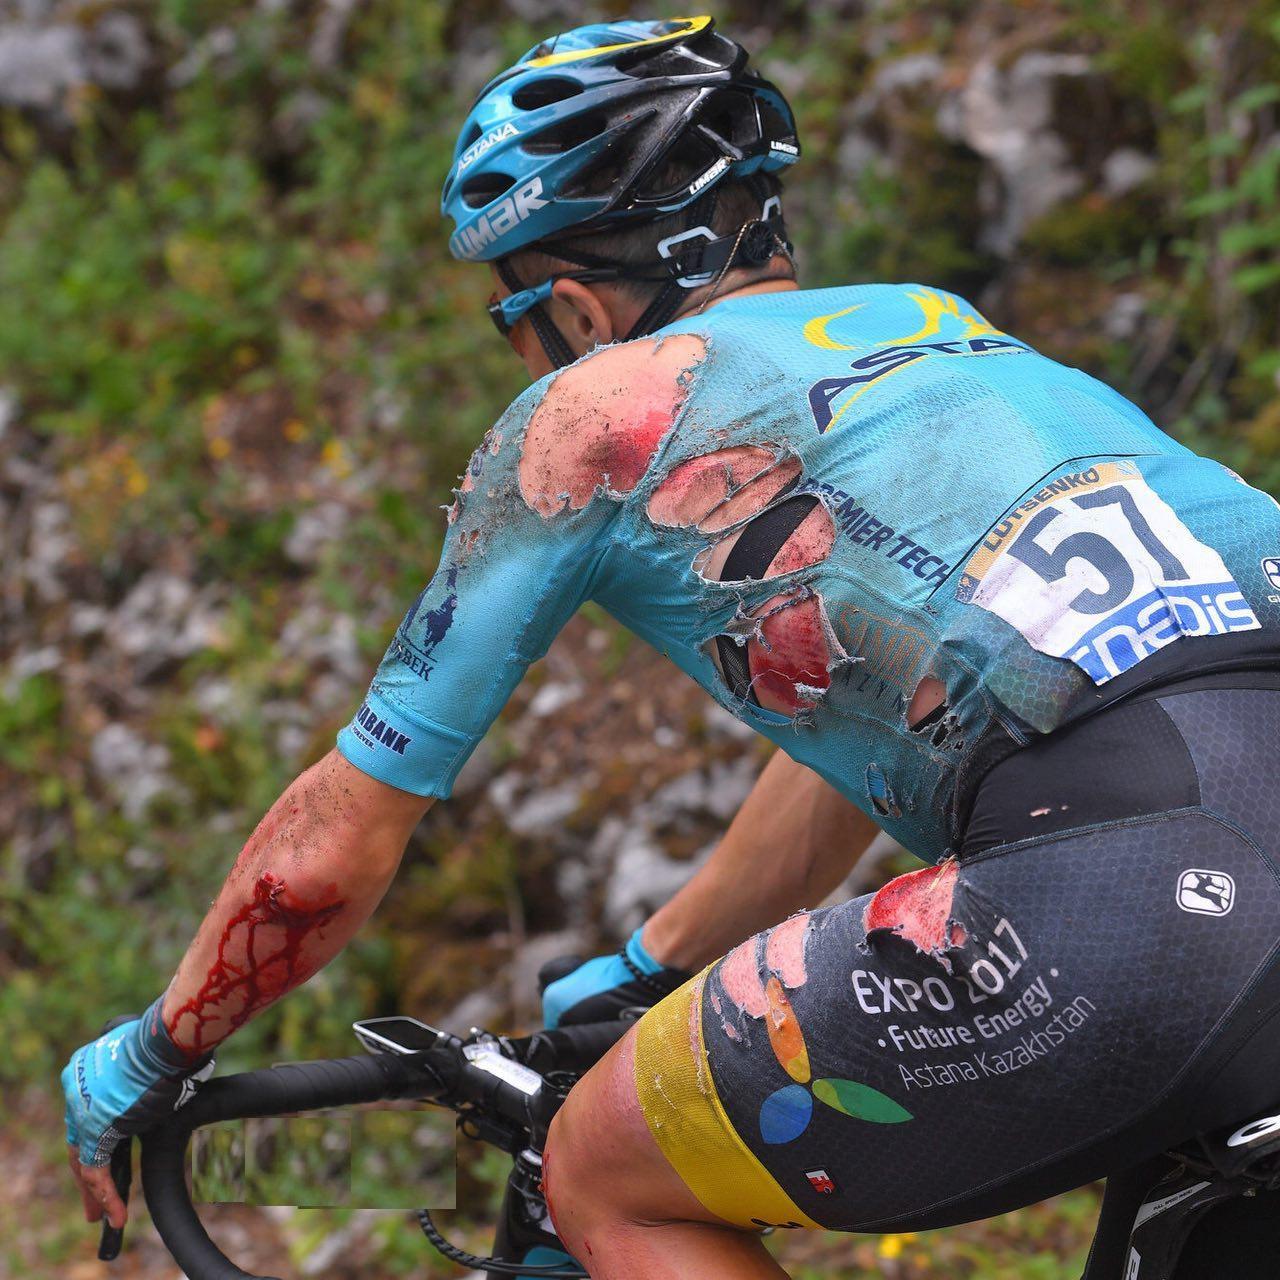 رقابت های دوچرخه سواری تور دو فرانس